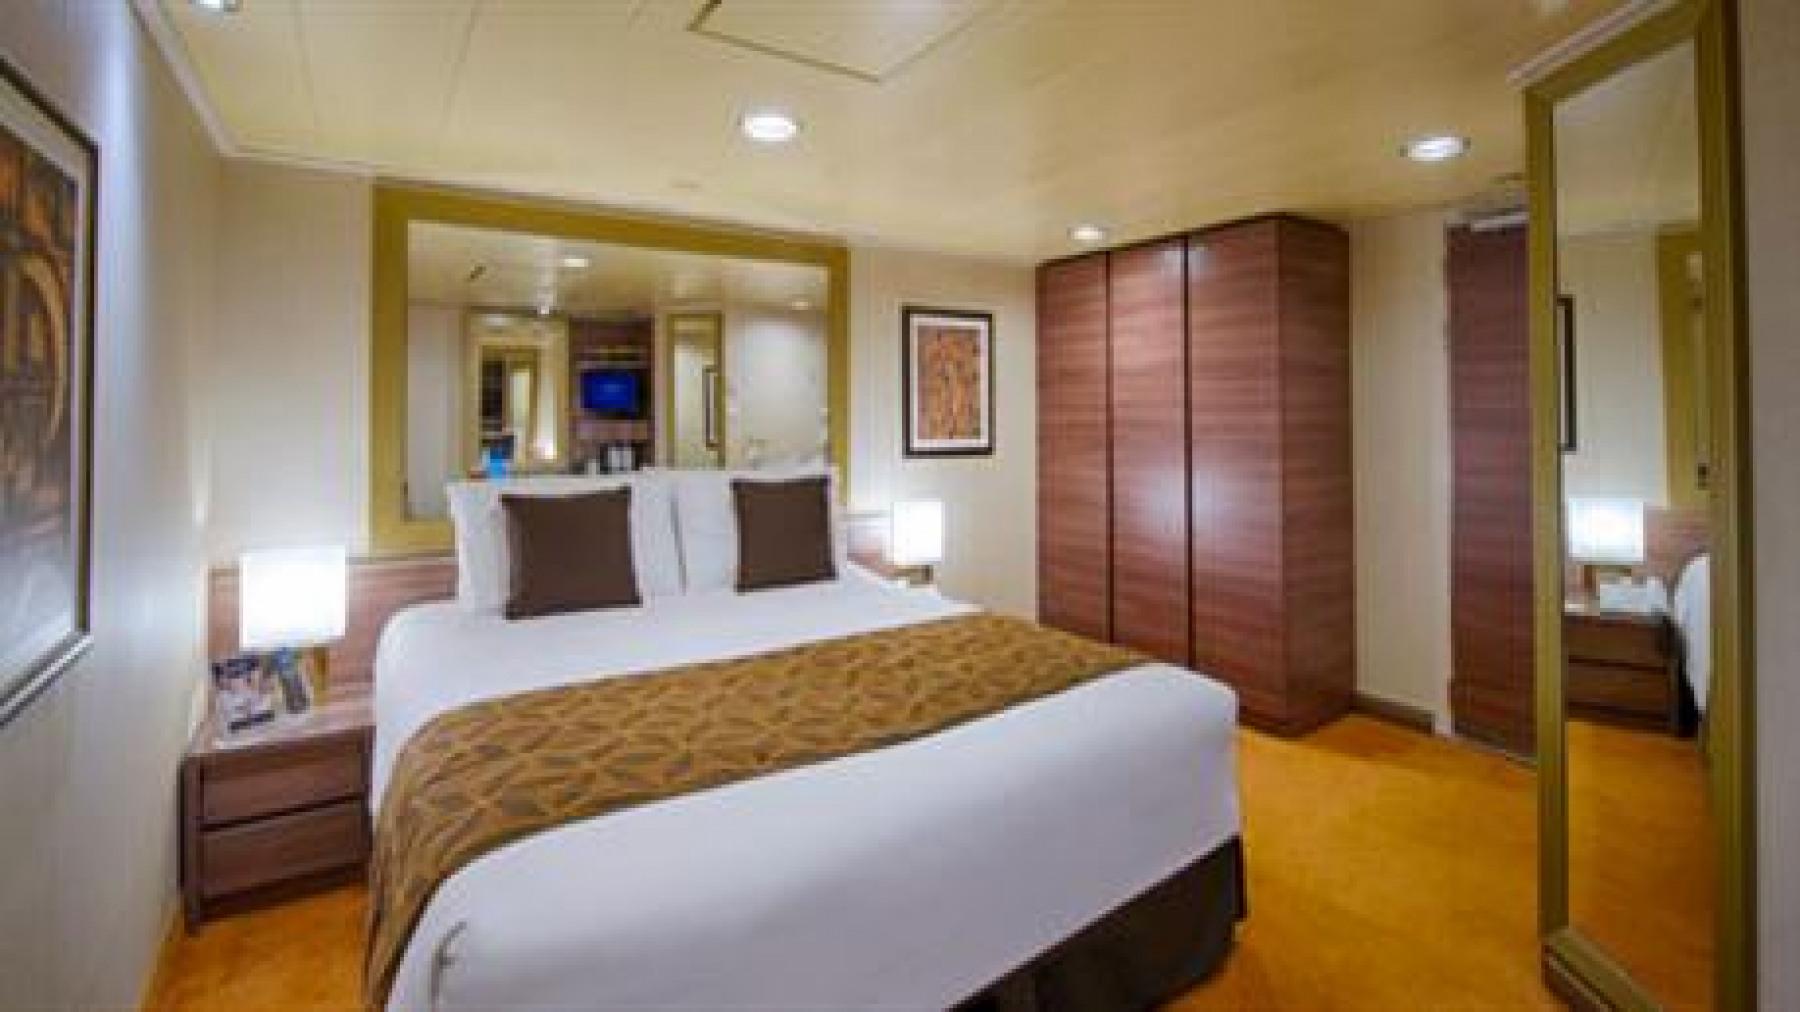 MSC Fantasia Class inside cabin 2.jpg